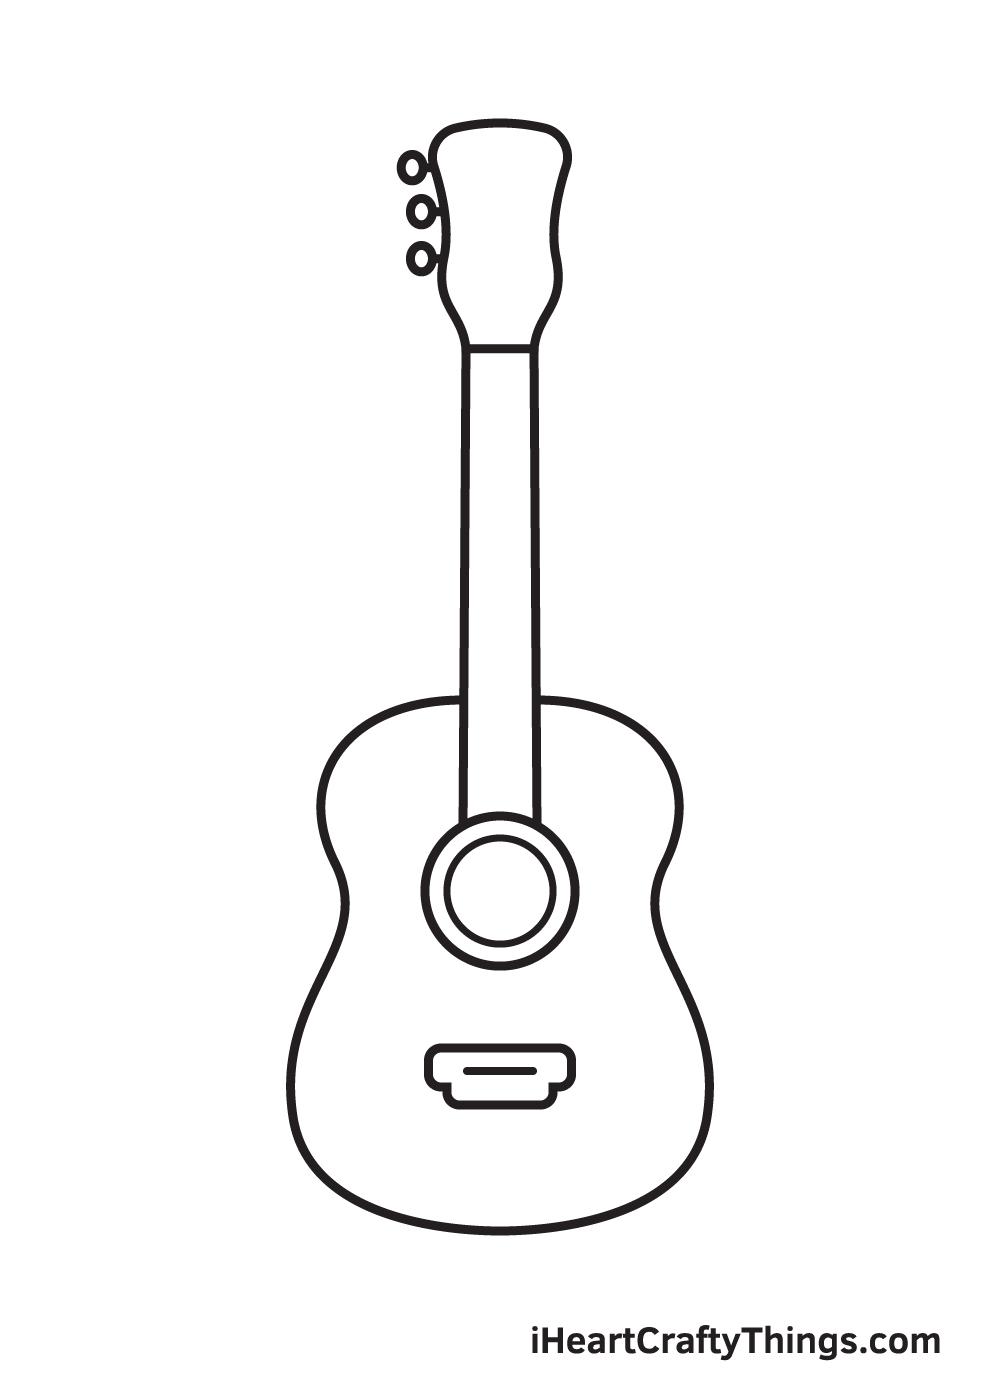 Guitar Drawing – Step 6